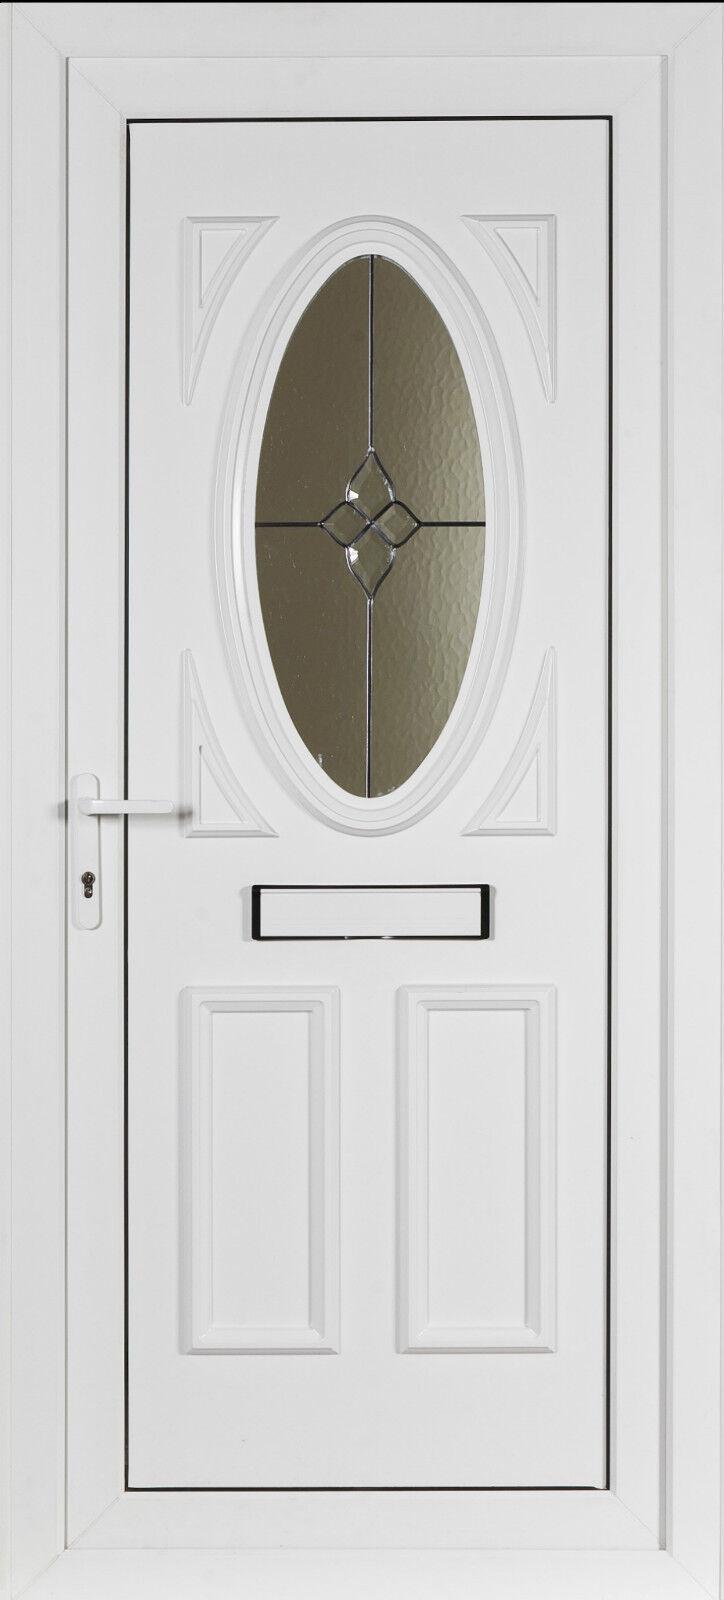 Used Upvc French Doors Sale Part - 34: Upvc Front Door Panels